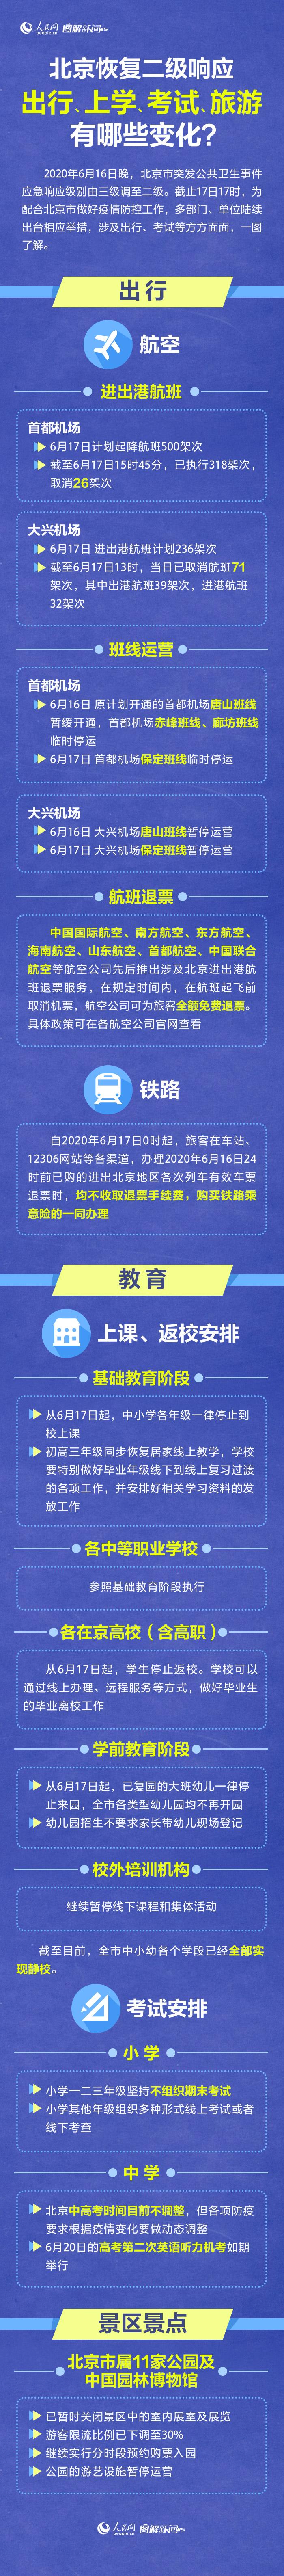 北京恢复二级反应旅行、学校教育和考试有什么变化?